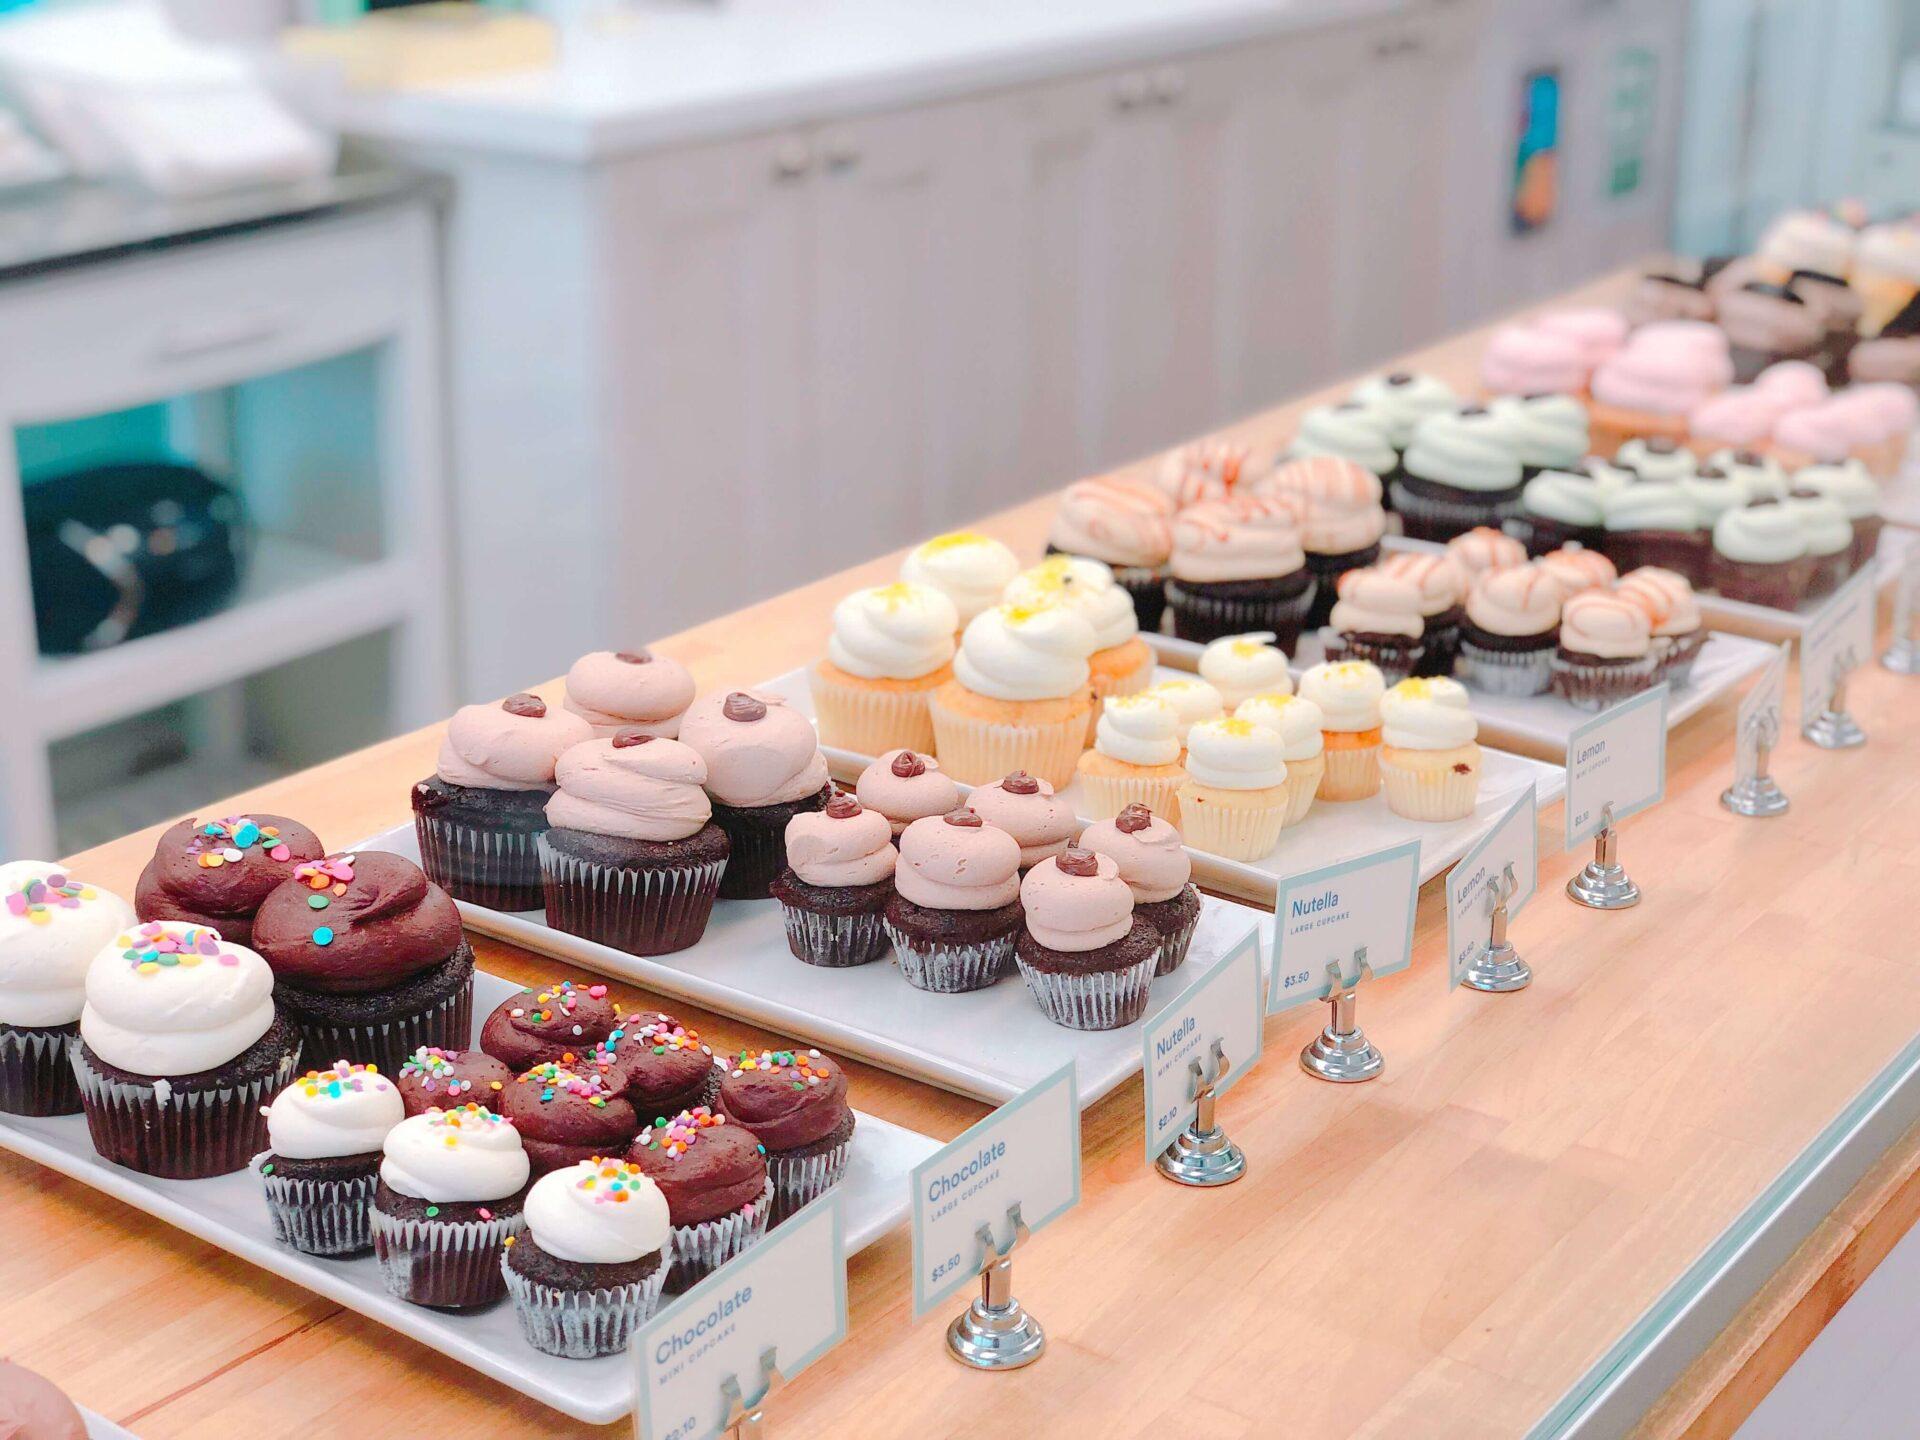 hanh-nguyen-j6DH45Bflho-unsplash ケーキ屋の店舗デザインをご検討している方に向けてポイントをご紹介します!